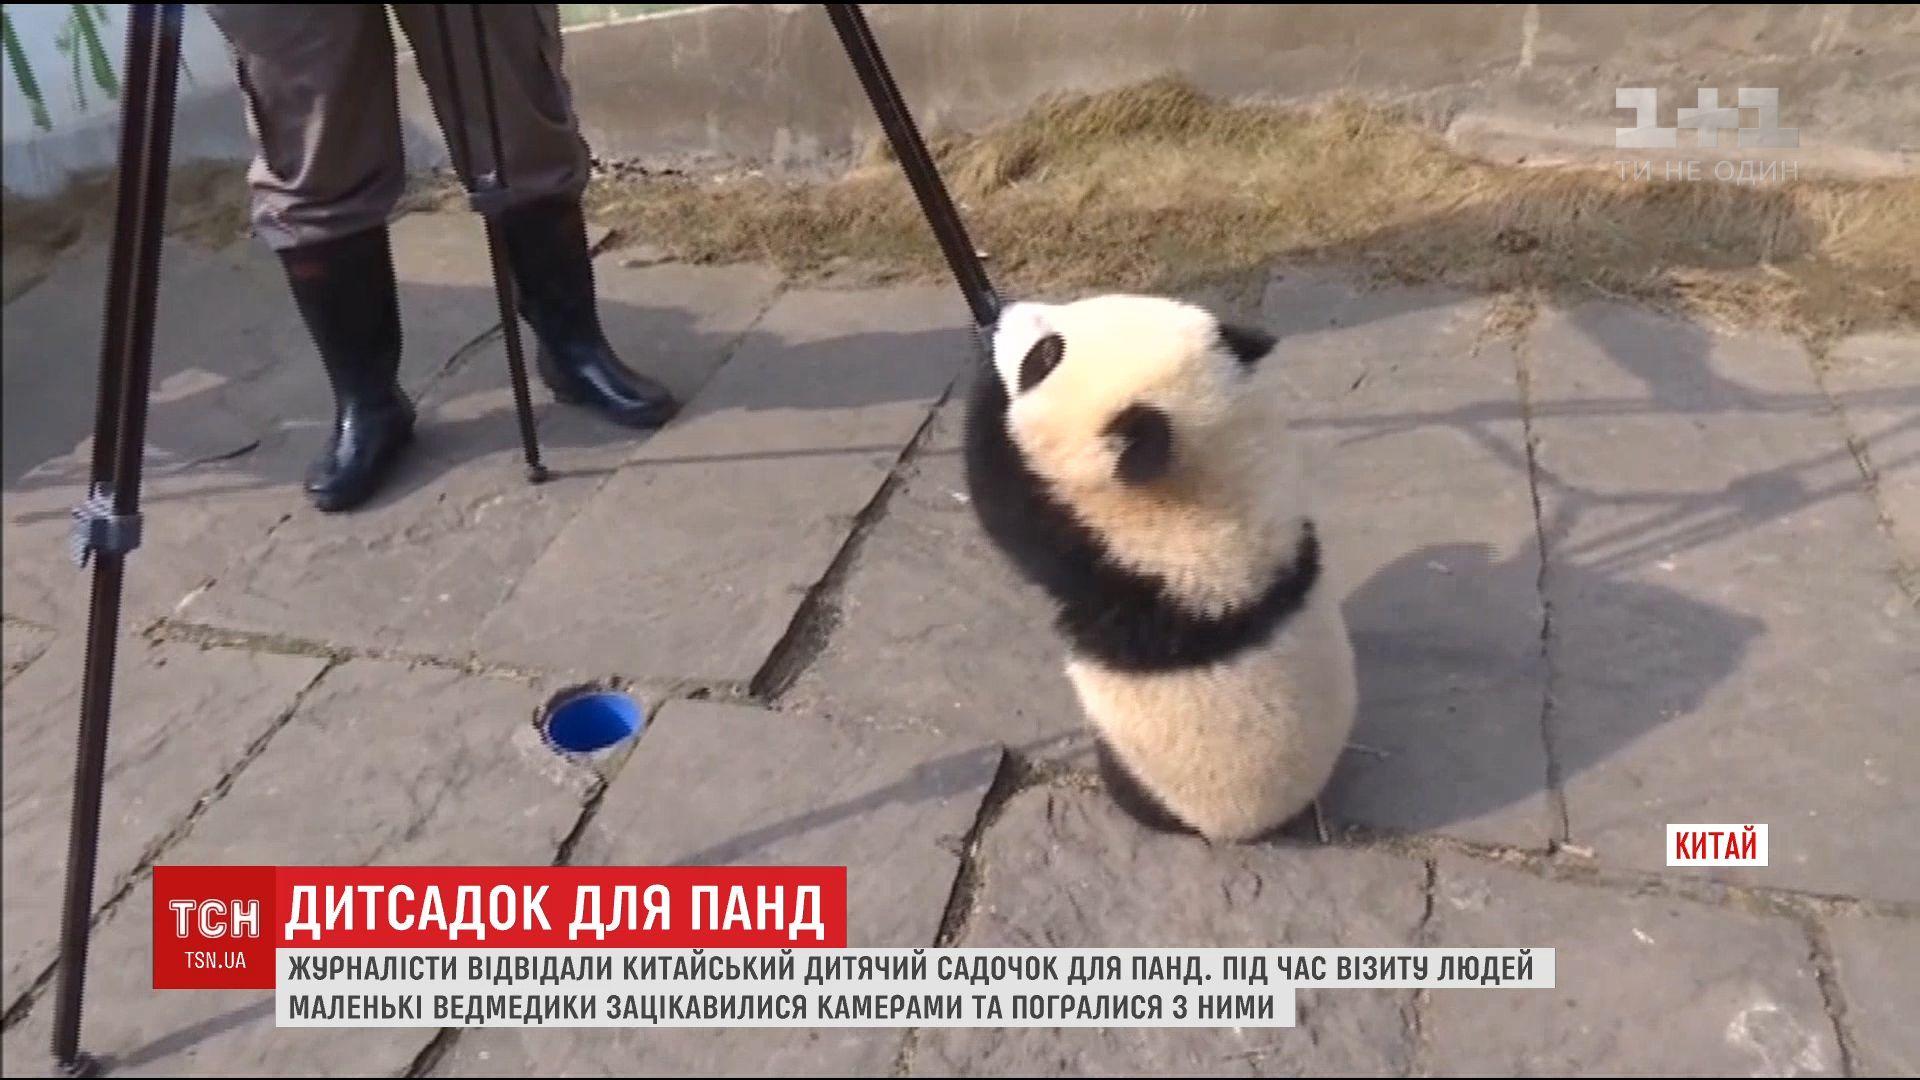 Китайським журналістам дозволили відвідати дитячий садок для панд / кадр з відео ТСН